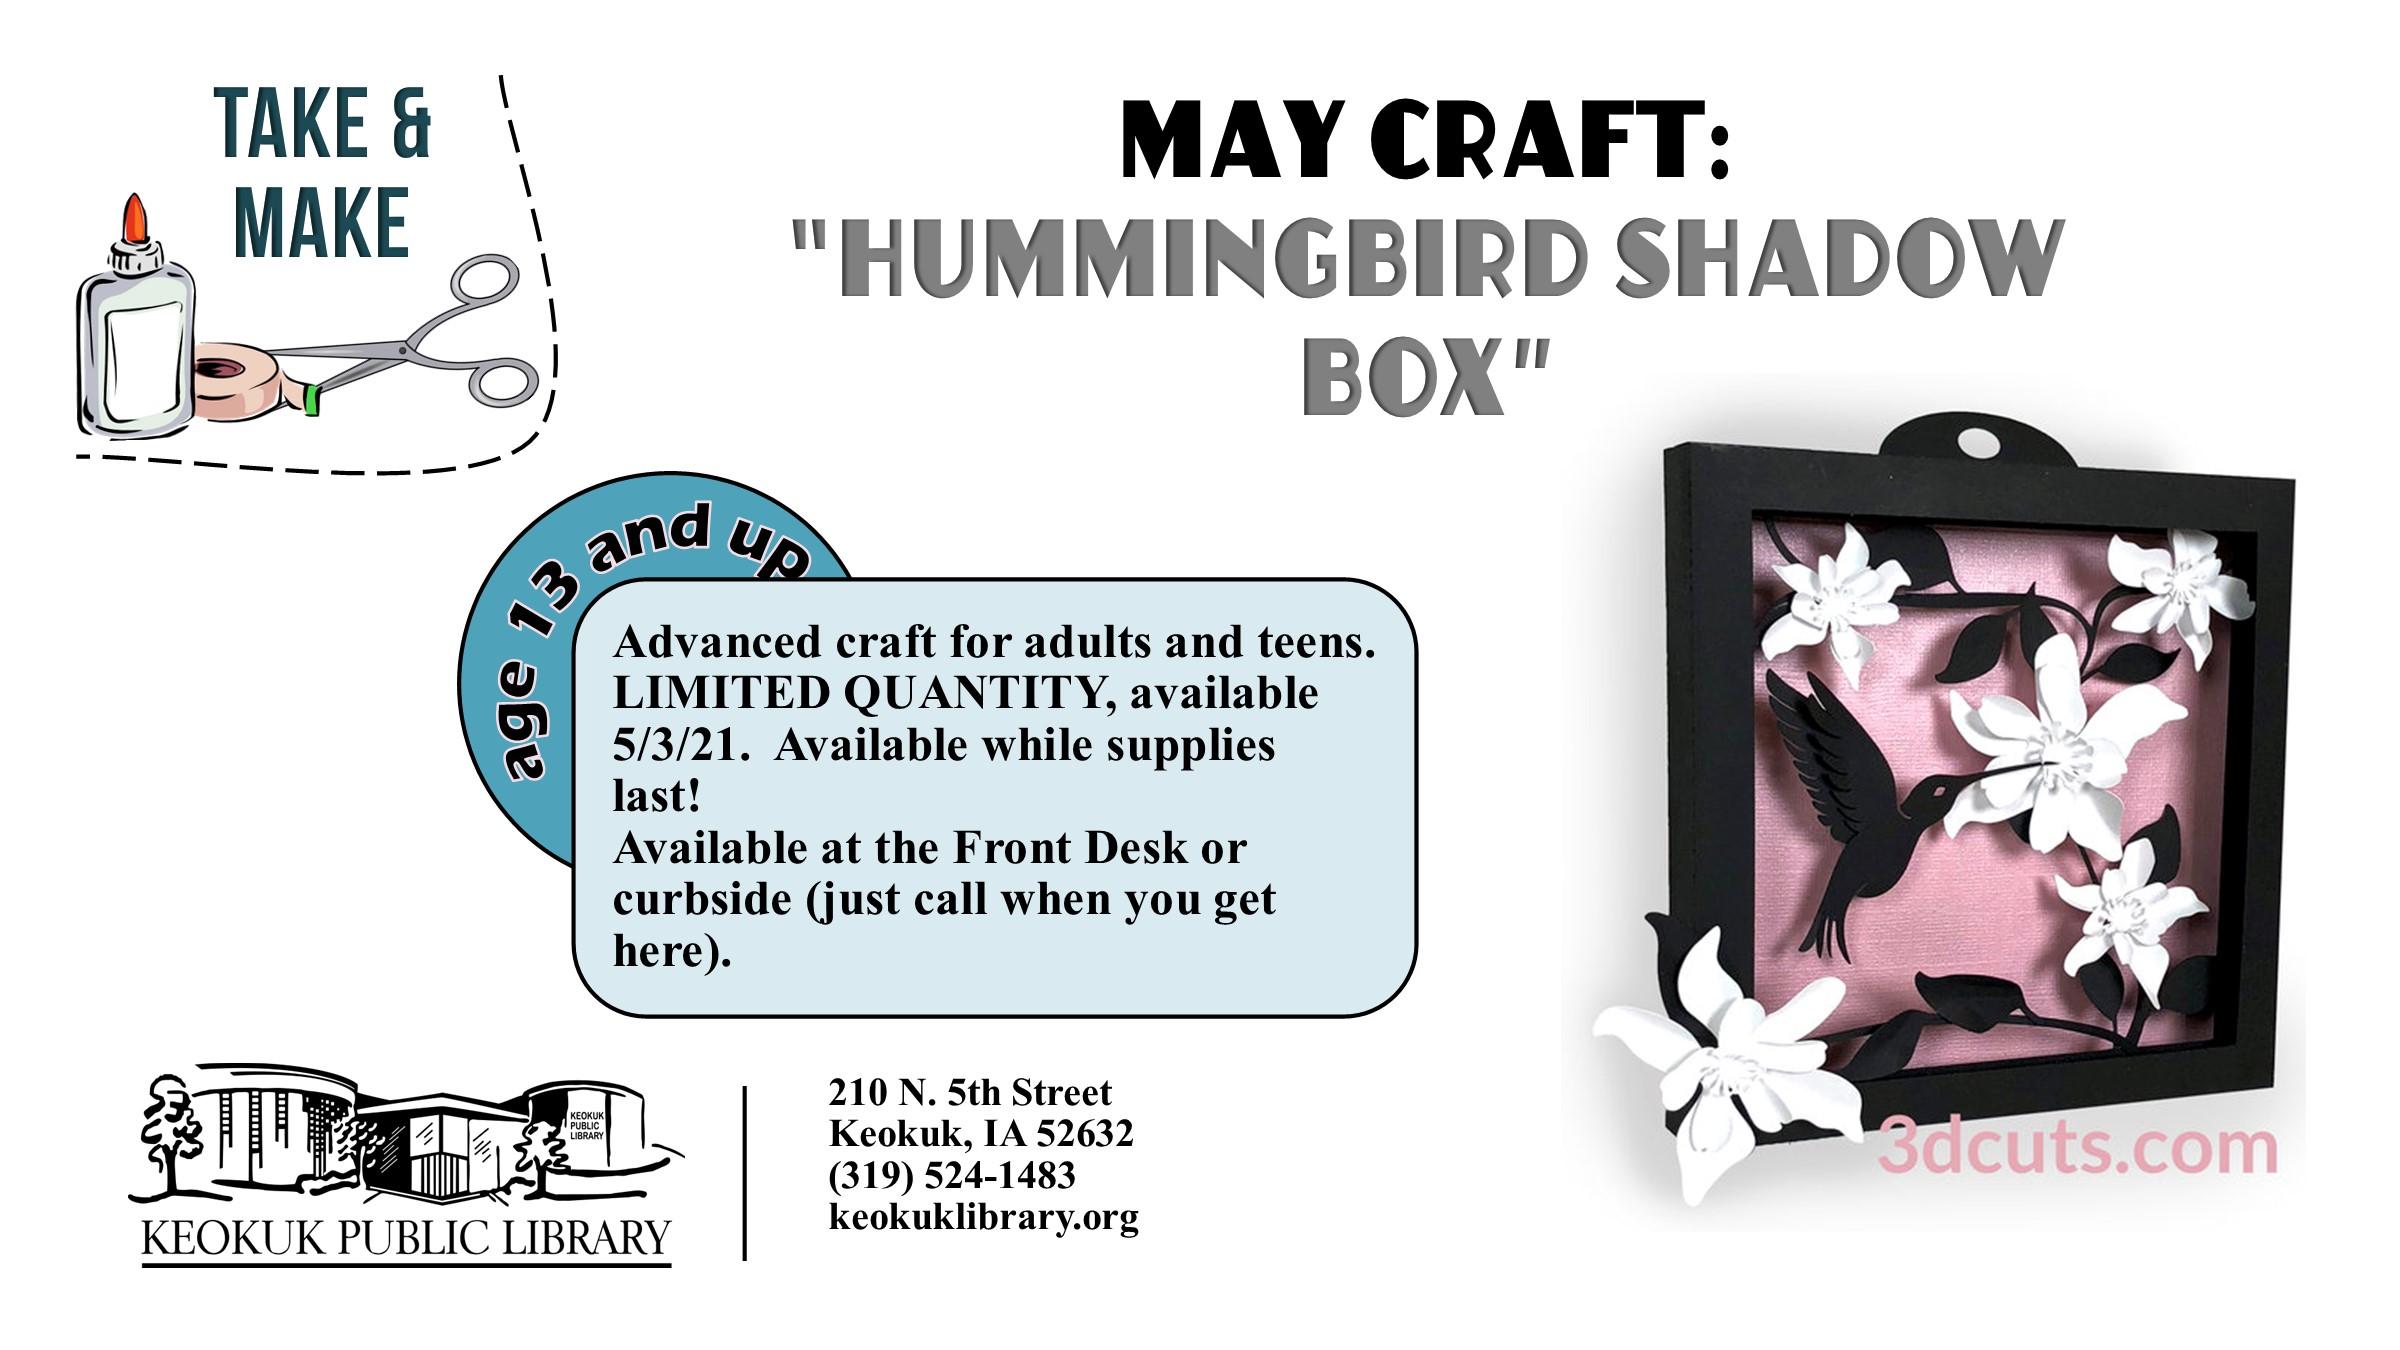 Hummingbird Shadow Box Craft